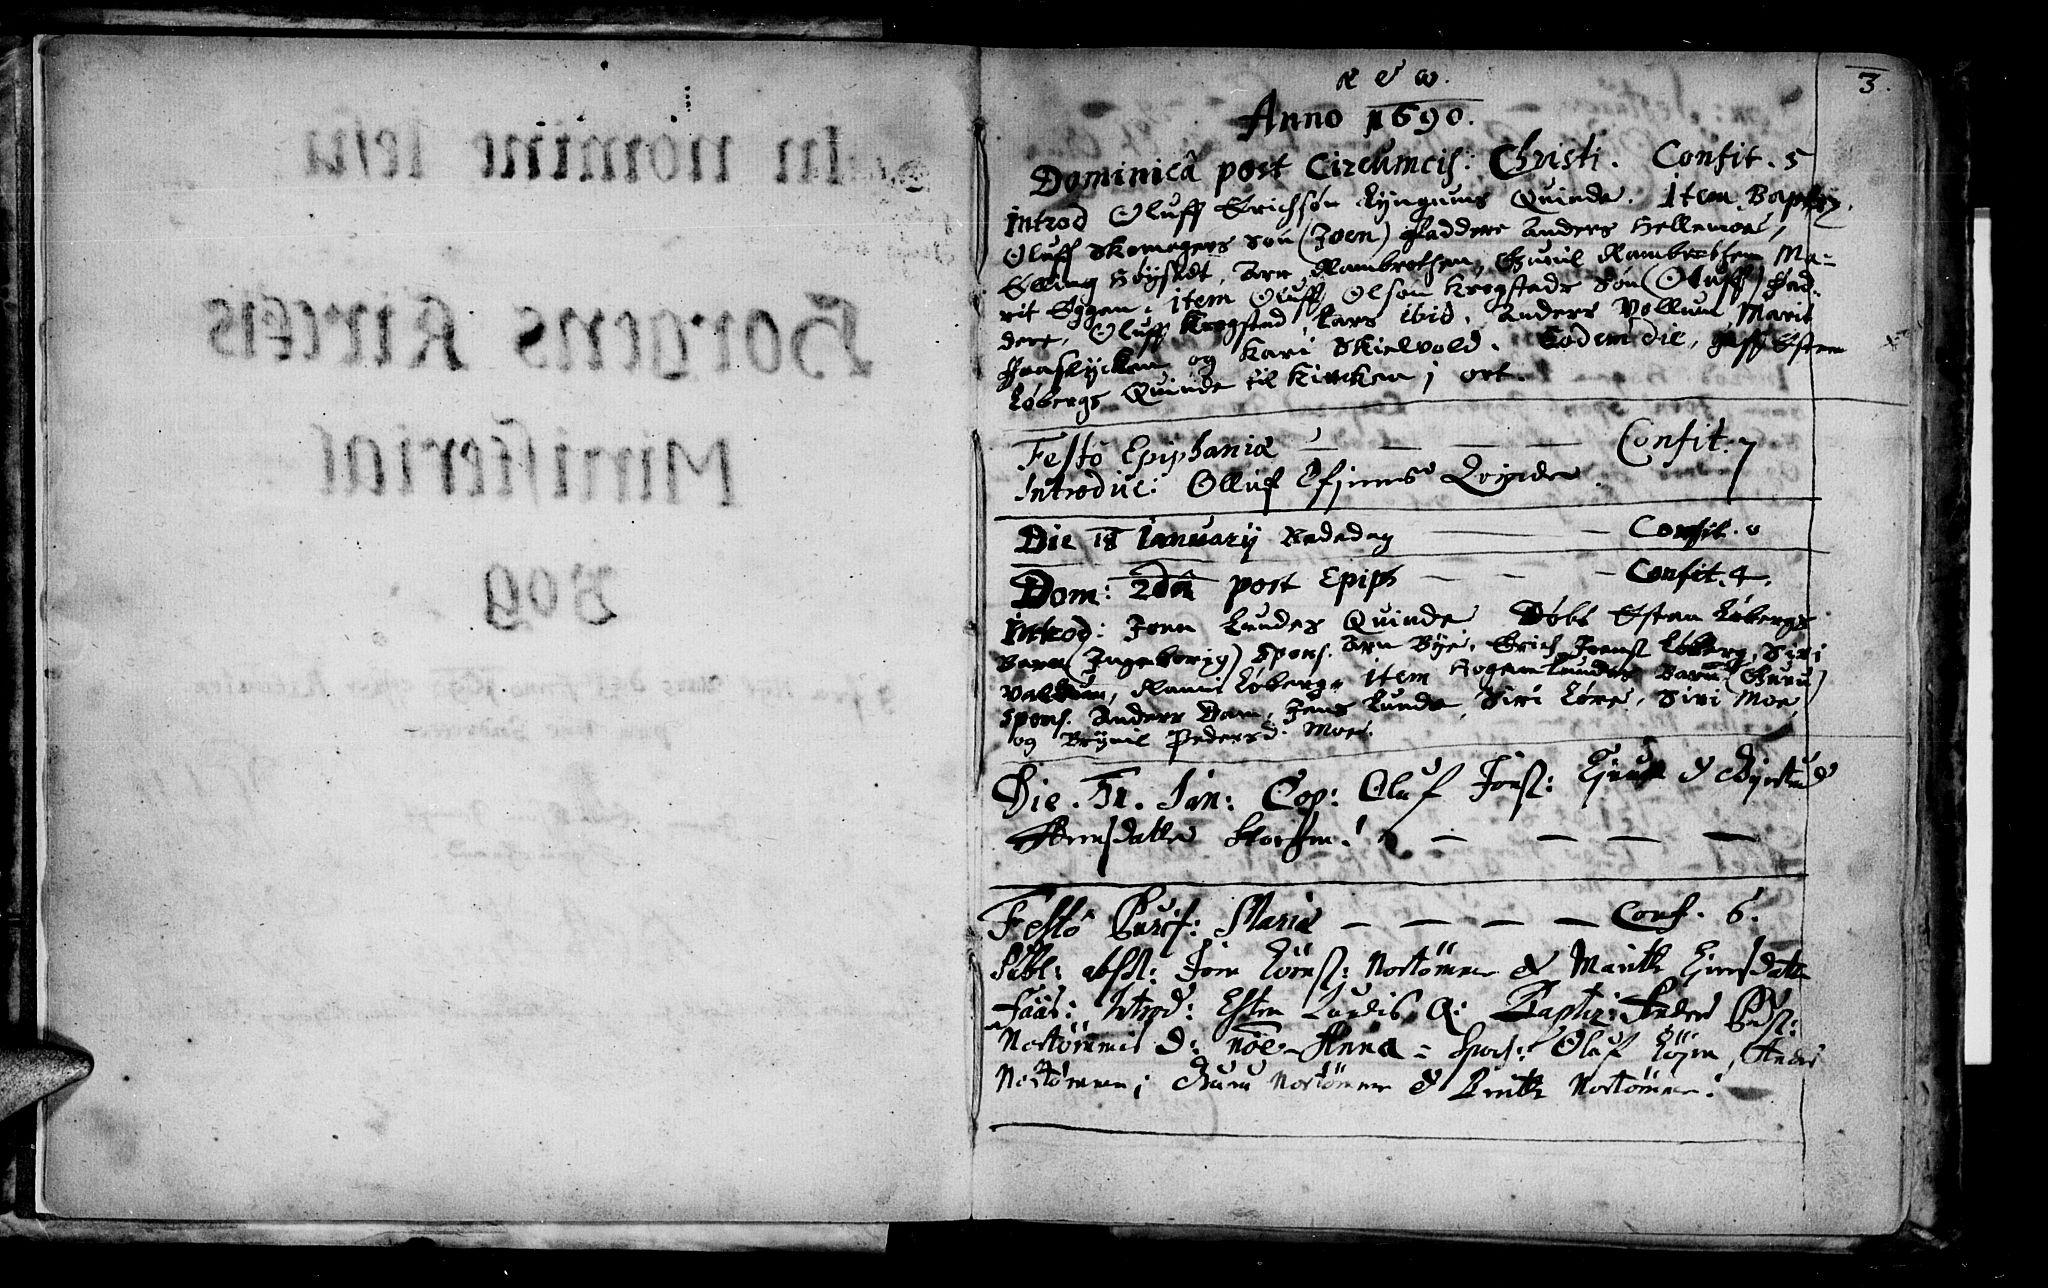 SAT, Ministerialprotokoller, klokkerbøker og fødselsregistre - Sør-Trøndelag, 692/L1101: Ministerialbok nr. 692A01, 1690-1746, s. 3